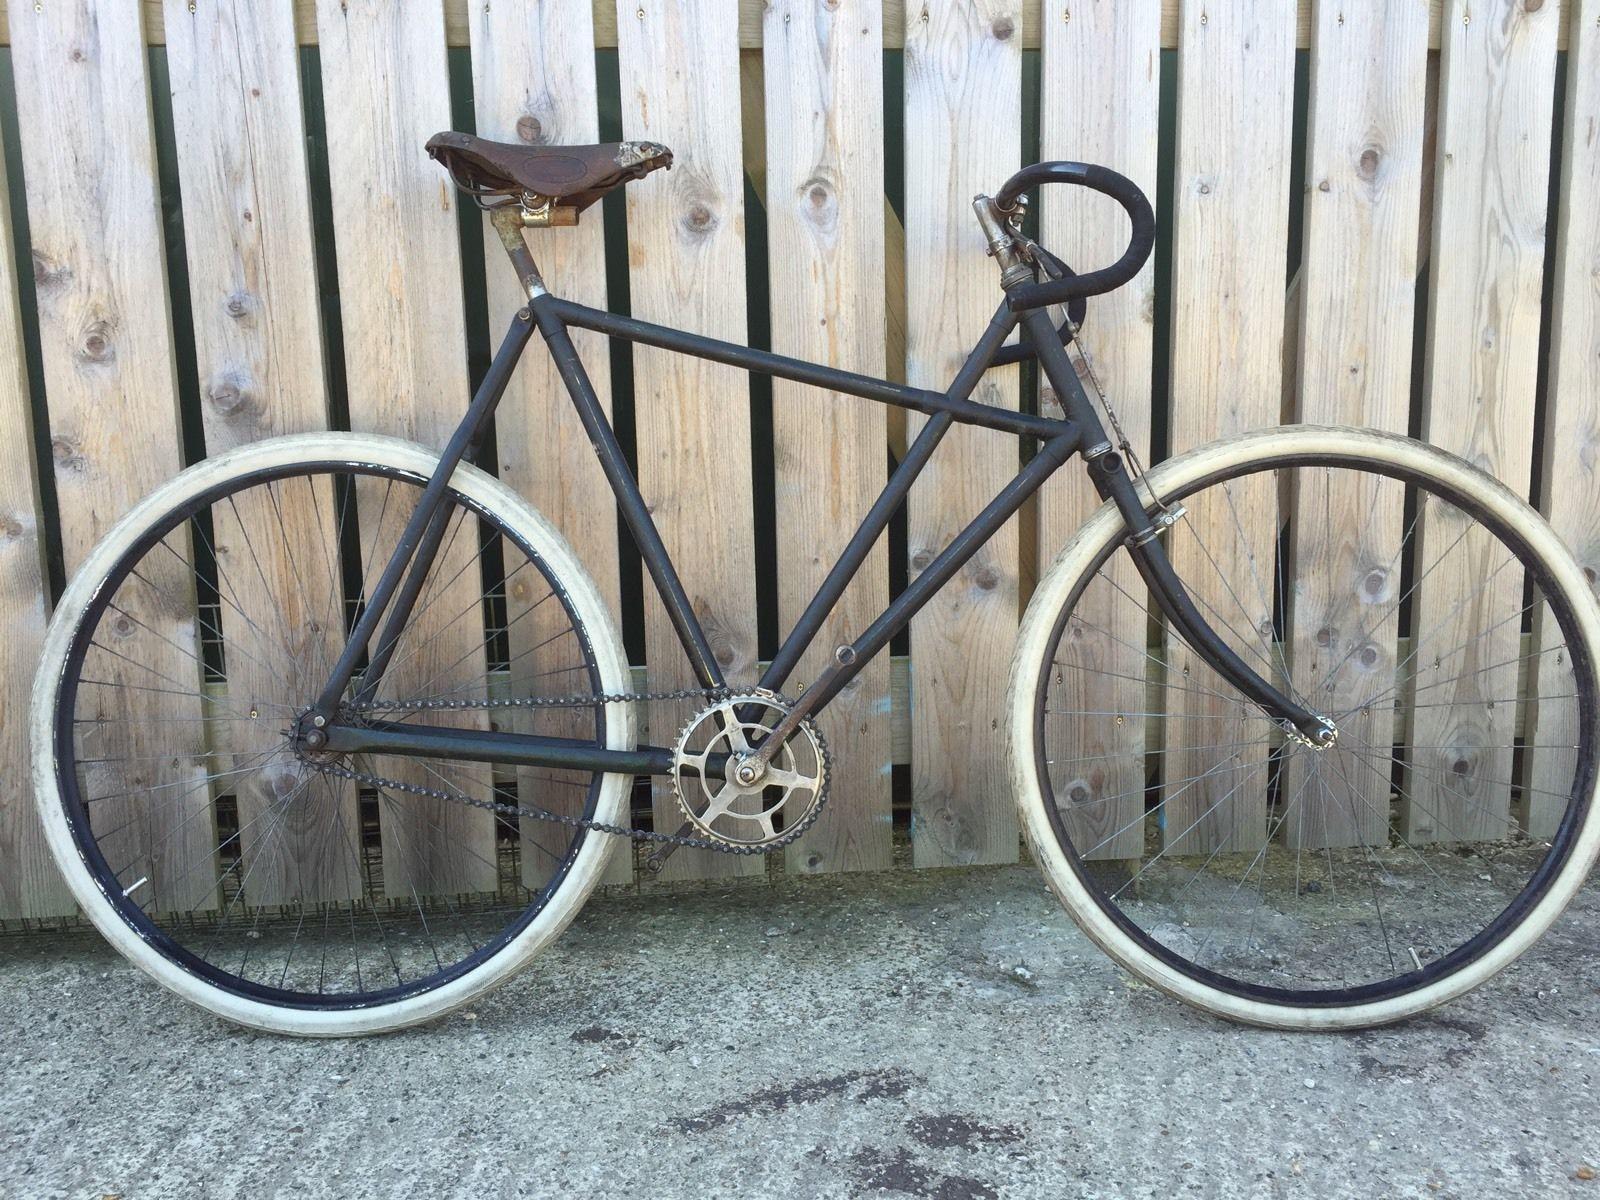 Vintage Bicycle 1924 Raleigh X Frame Vintage Bicycles Retro Bicycle Beautiful Bicycle